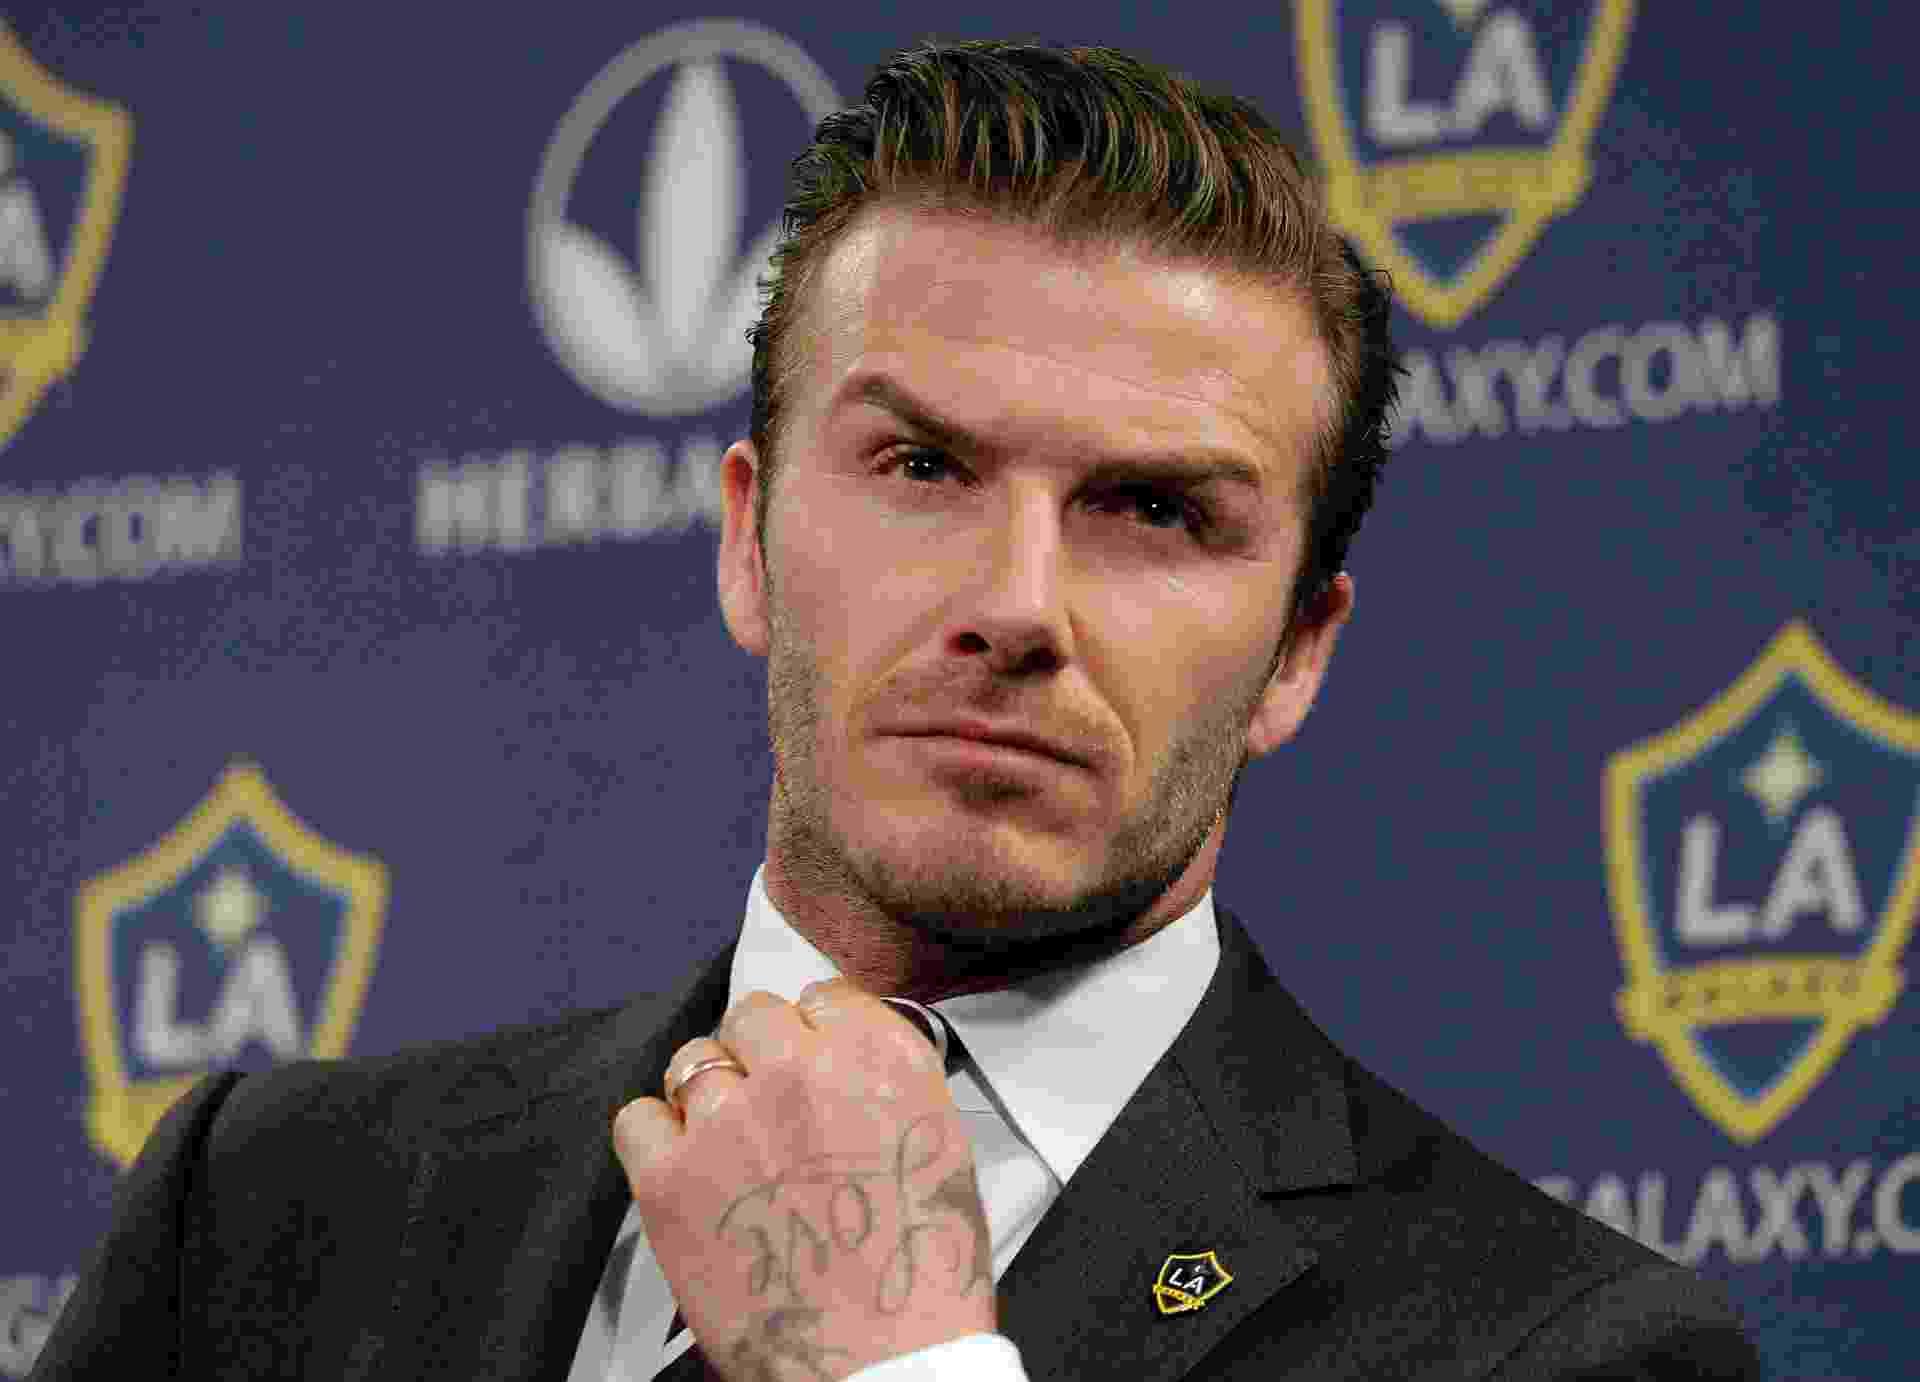 """19.jan.2012 - Nos tempos de LA Galaxy, nos Estados Unidos, David Beckham adotou o estilo """"topetinho"""" - AP Photo/Jae C. Hong"""